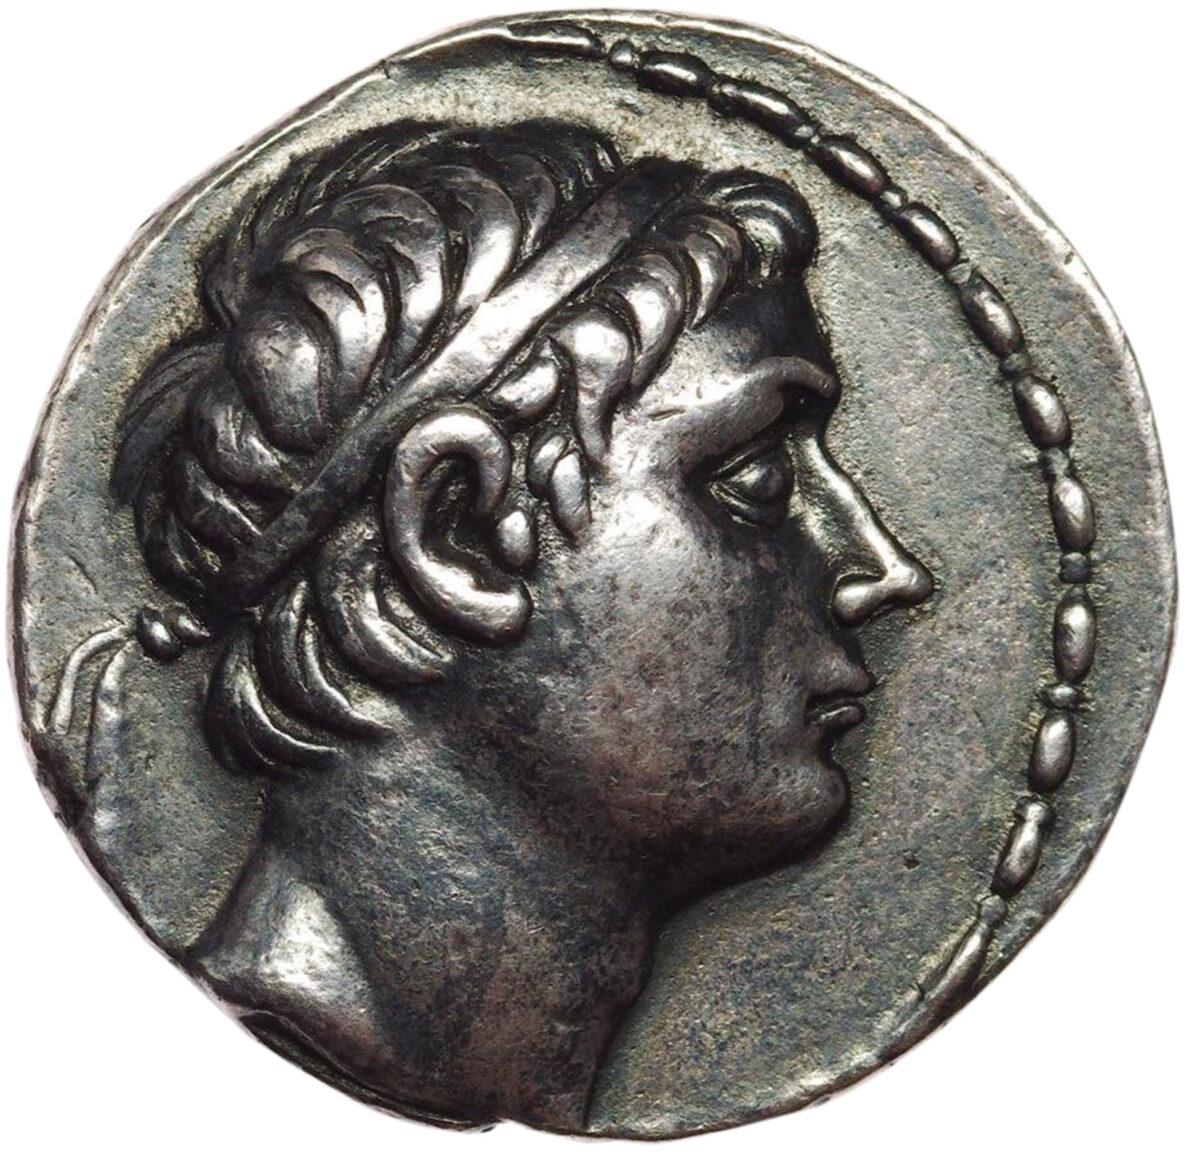 Αργυρό τετράδραχμο Αντιόχου Γ' με κεφαλή του βασιλέως στον εμπροσθότυπο. Νομισματοκοπείο ΔΕΛ, 17,06 γρ., 29 χιλ., 12. SC 1063 (Ιδιωτική συλλογή «The Medicus collection»).